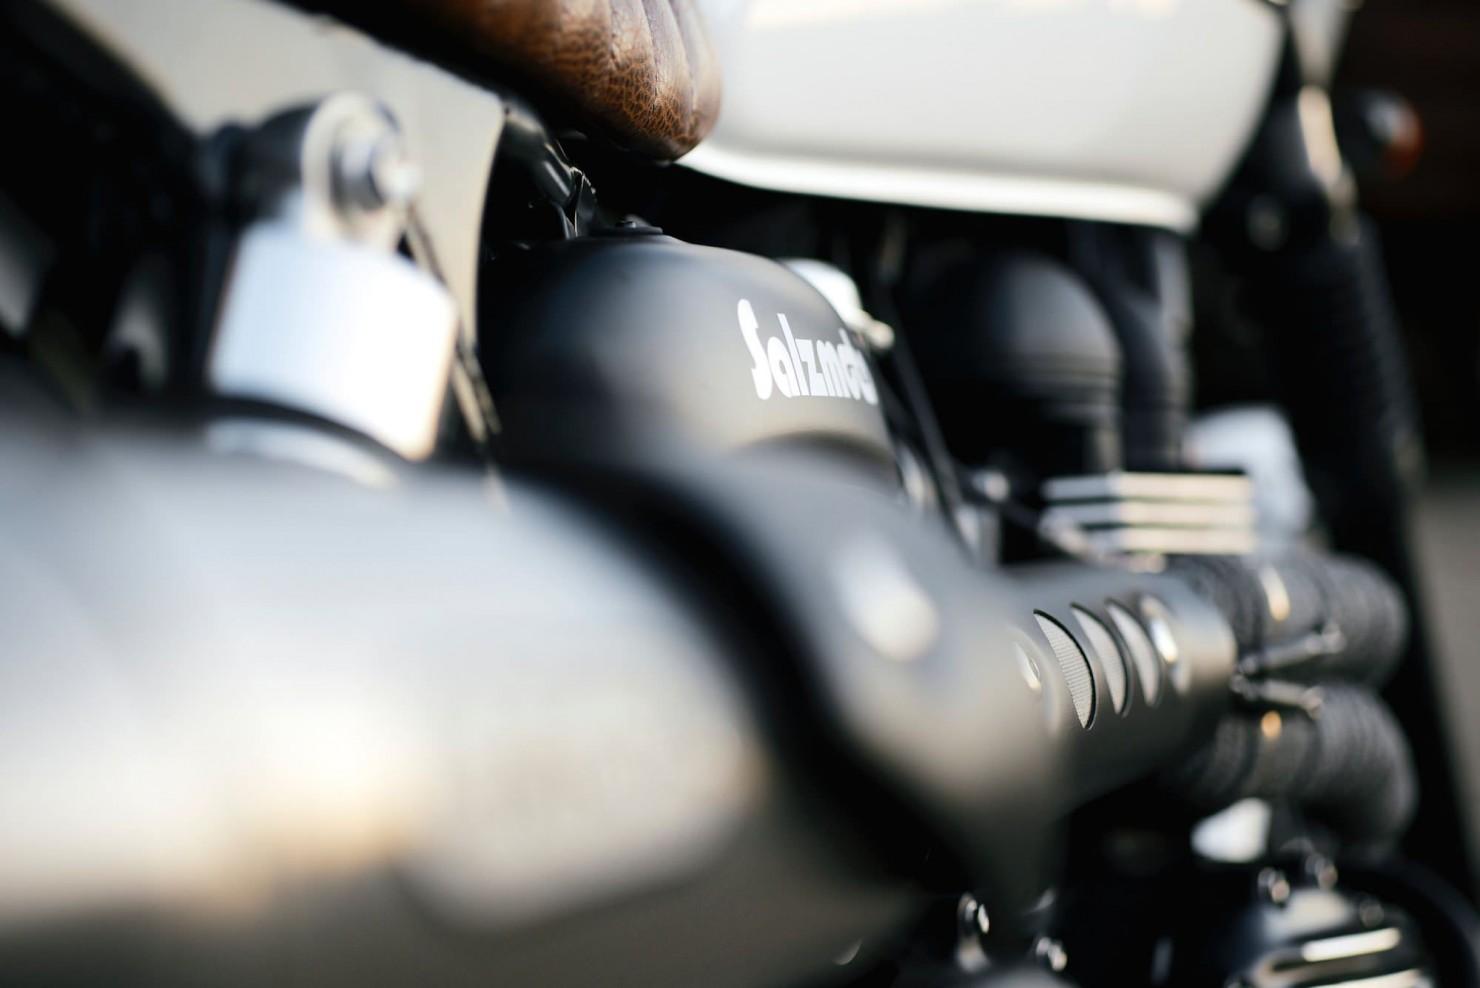 Triumph_Bonneville_Motorcycle_25